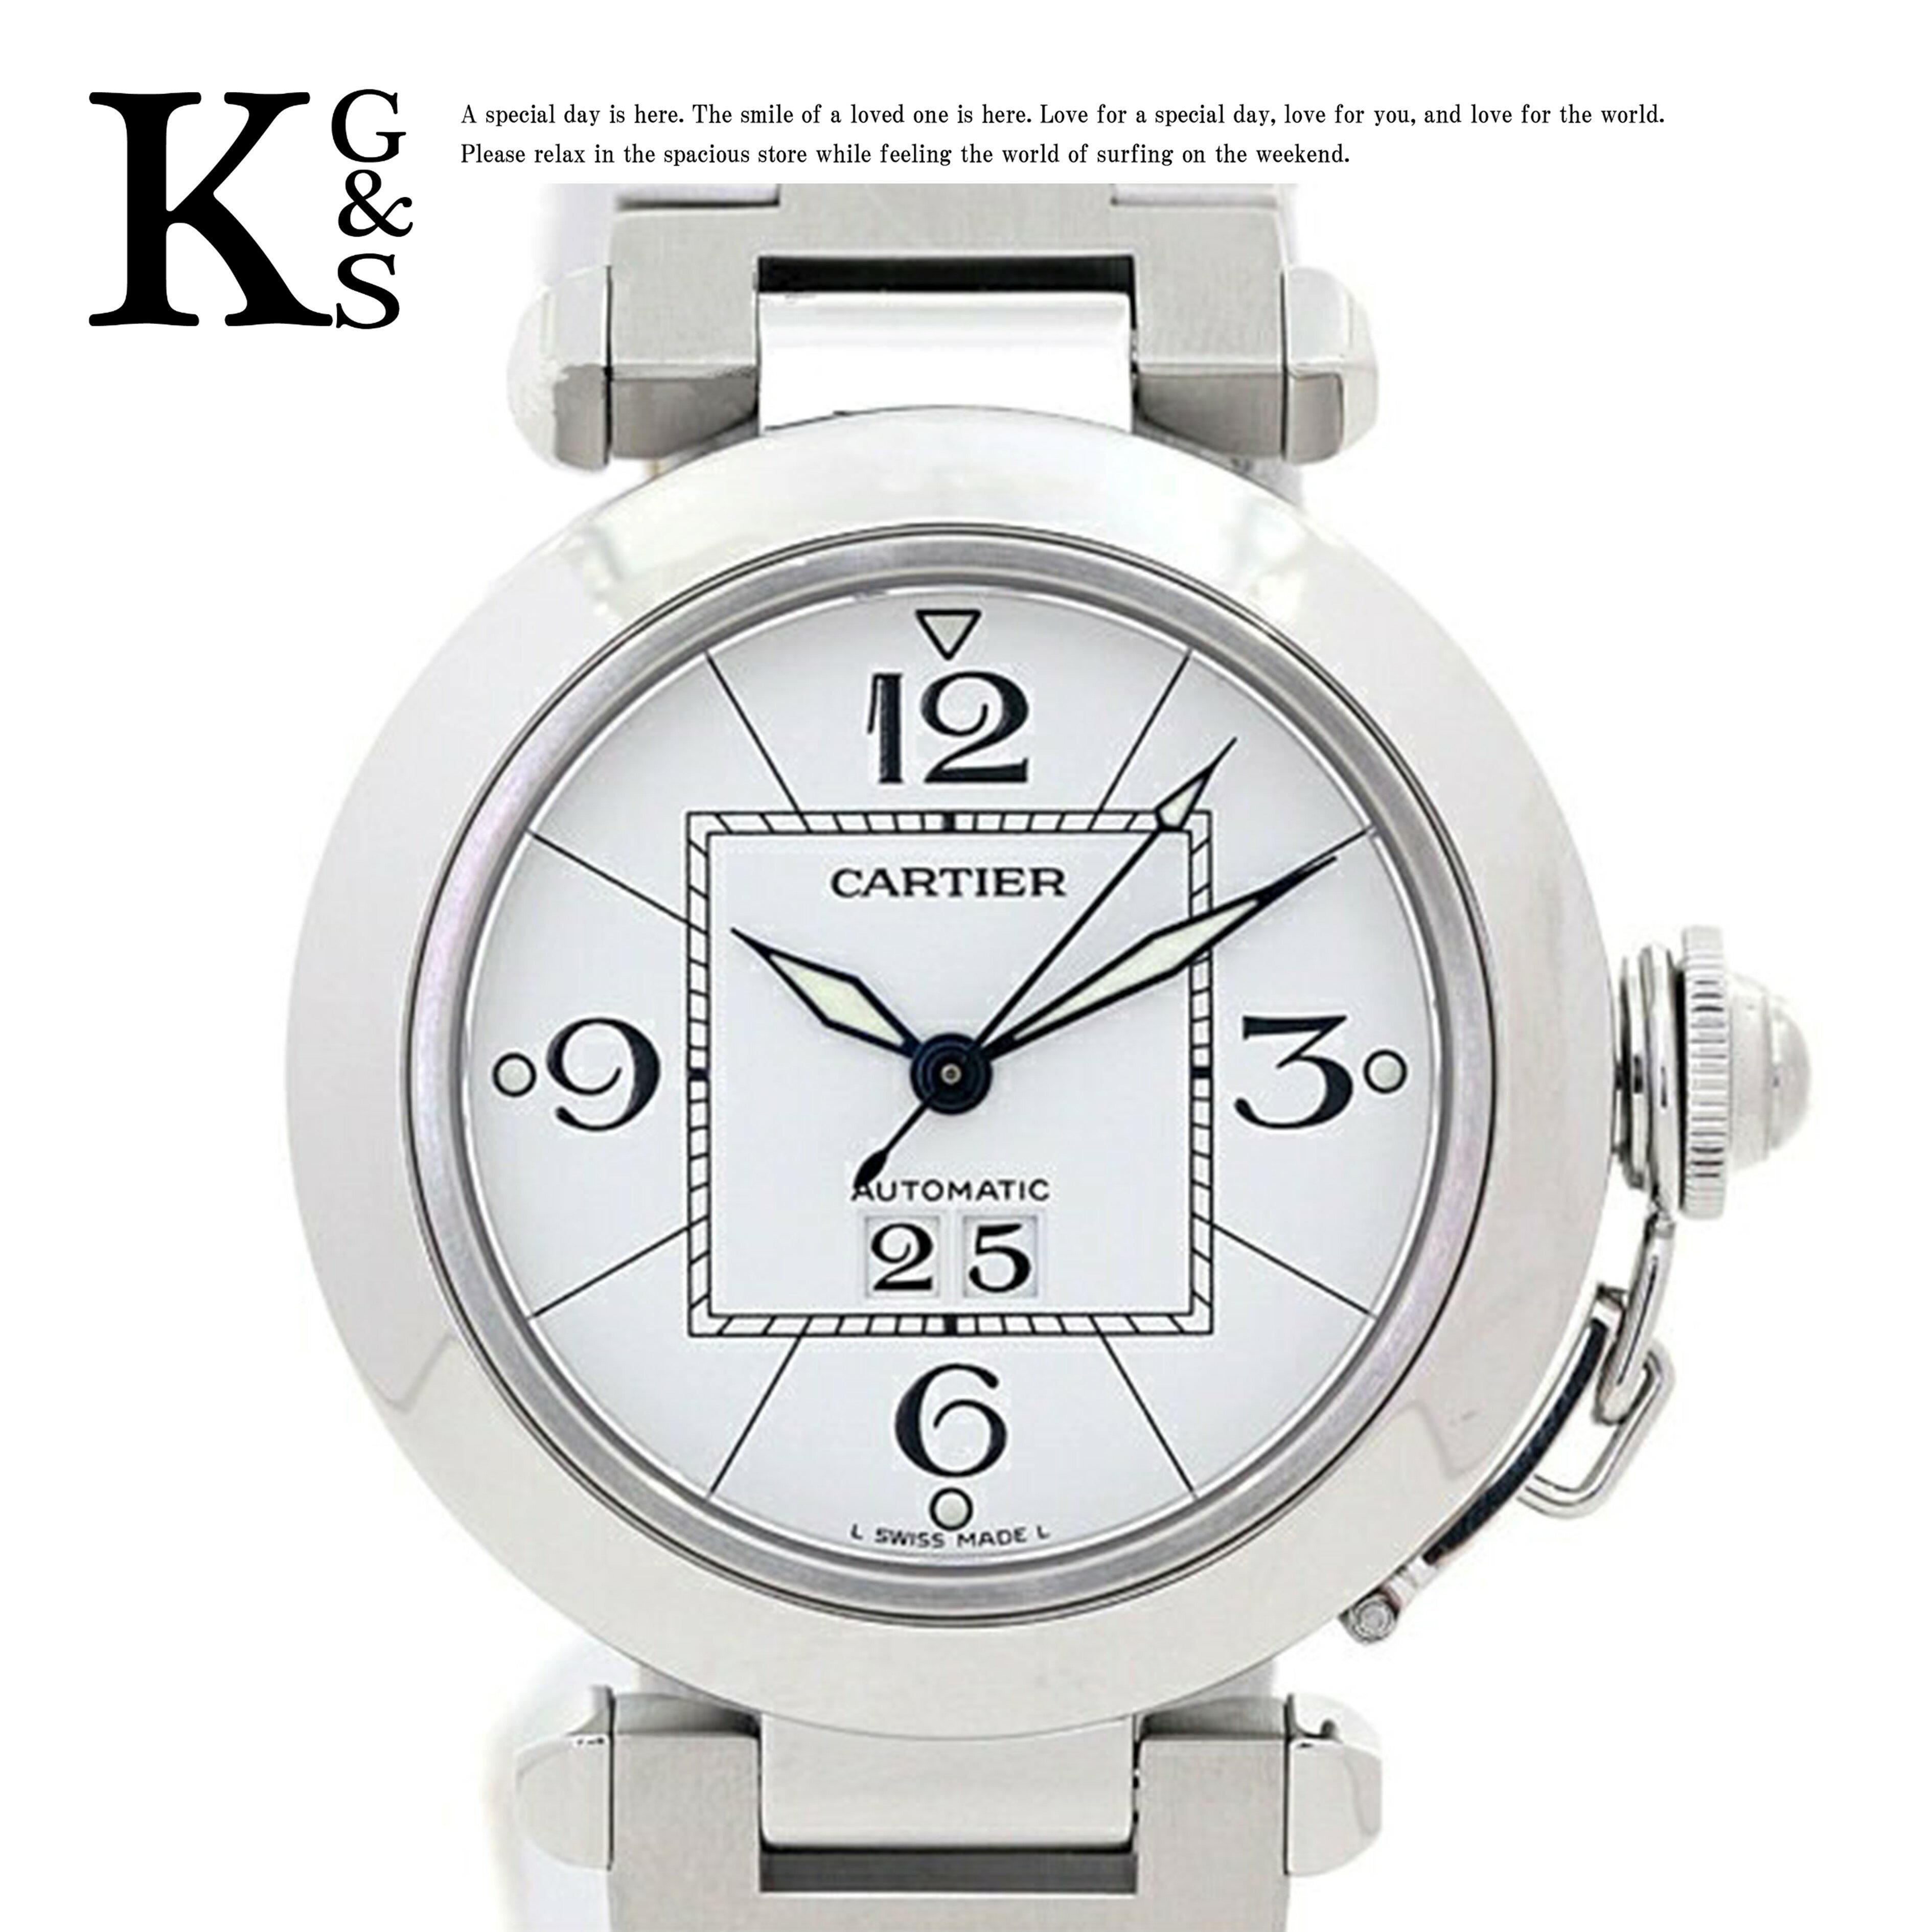 【新古品】カルティエ/Cartier レディース 腕時計 パシャC 35mm ビッグデイト オートマチック 自動巻き ホワイト文字盤×シルバー ステンレススチール W31055M7